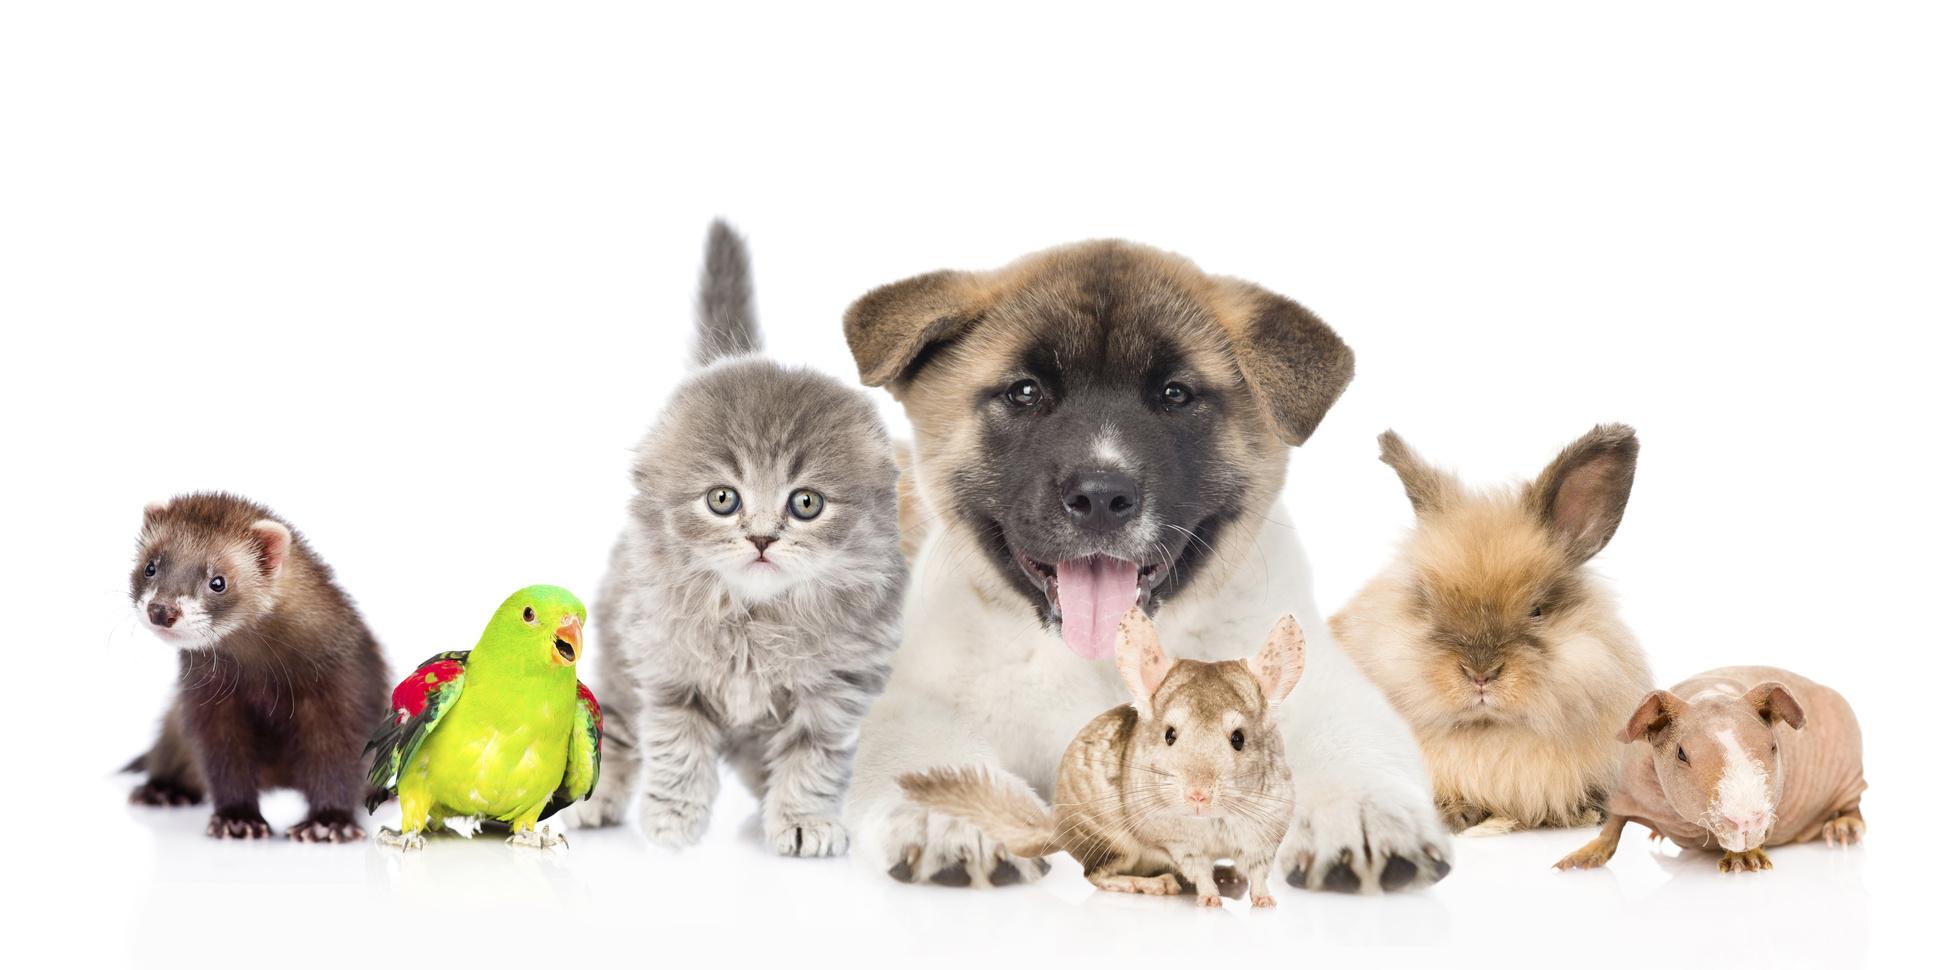 ペット保険の加入条件 犬・猫、フェレット 、ハムスター 、鳥 、うさぎ 、爬虫類